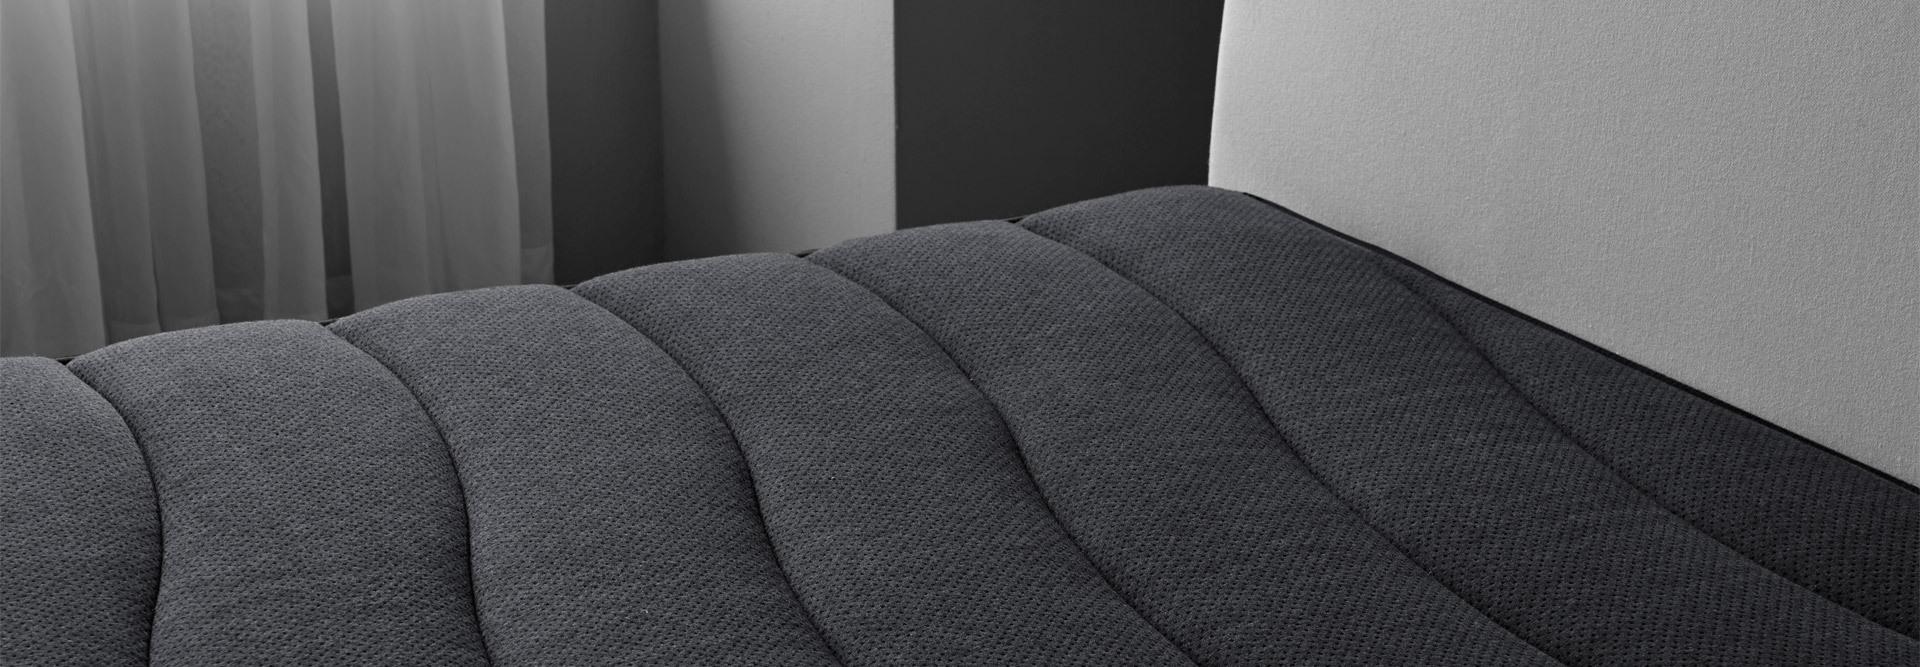 深海般睡眠,选择好床垫从此变简单